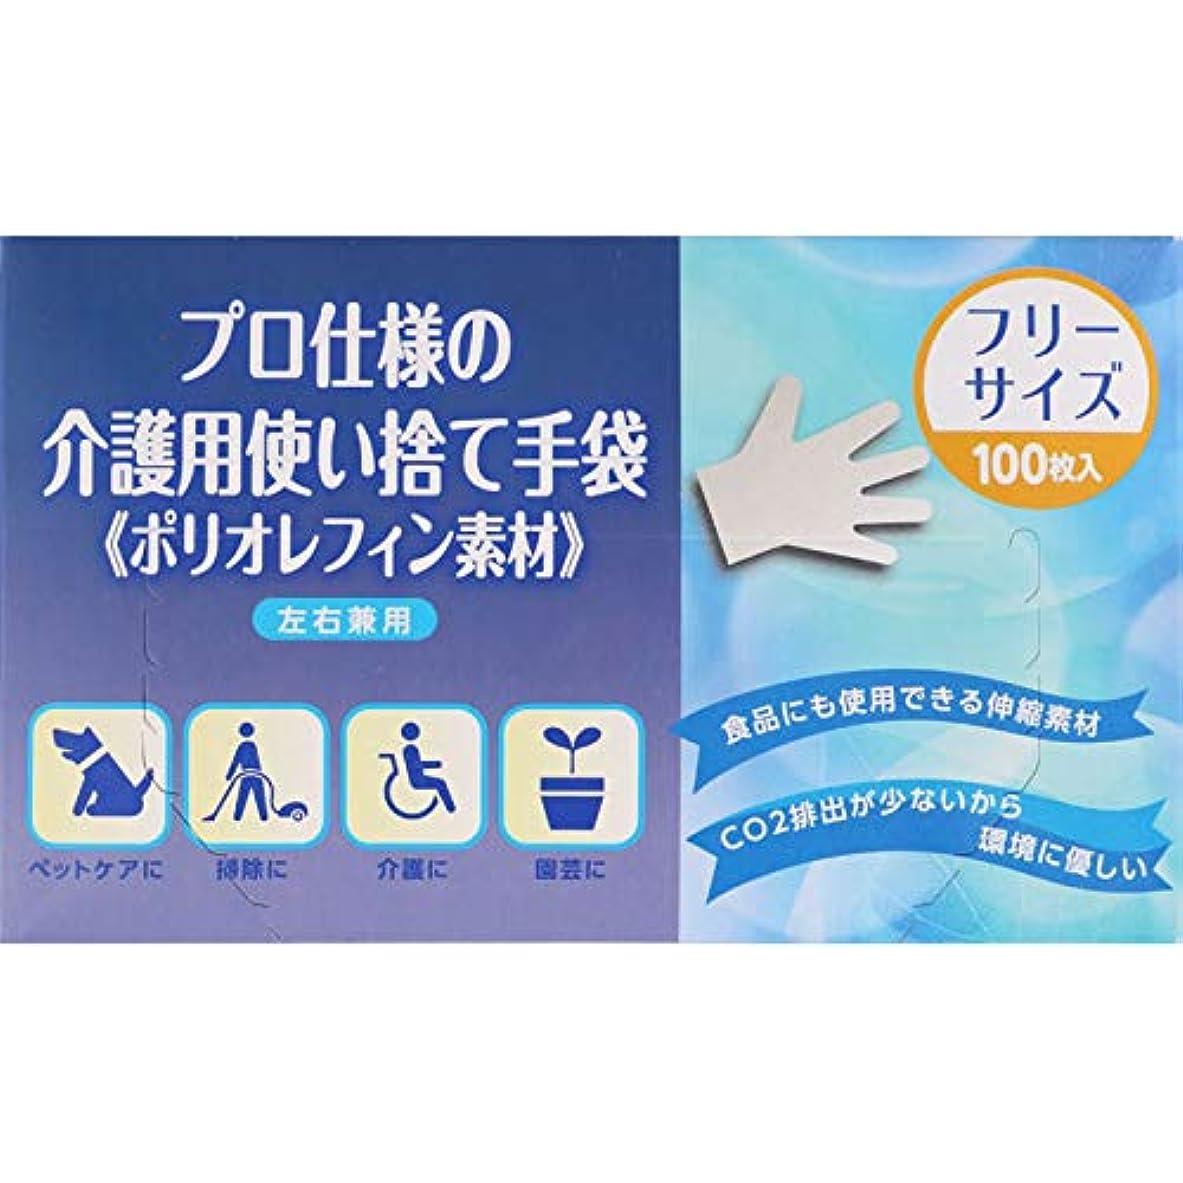 ベット引っ張る過敏な【5個セット】プロ仕様の介護用使い捨て手袋《ポリオレフィン素材》 100枚